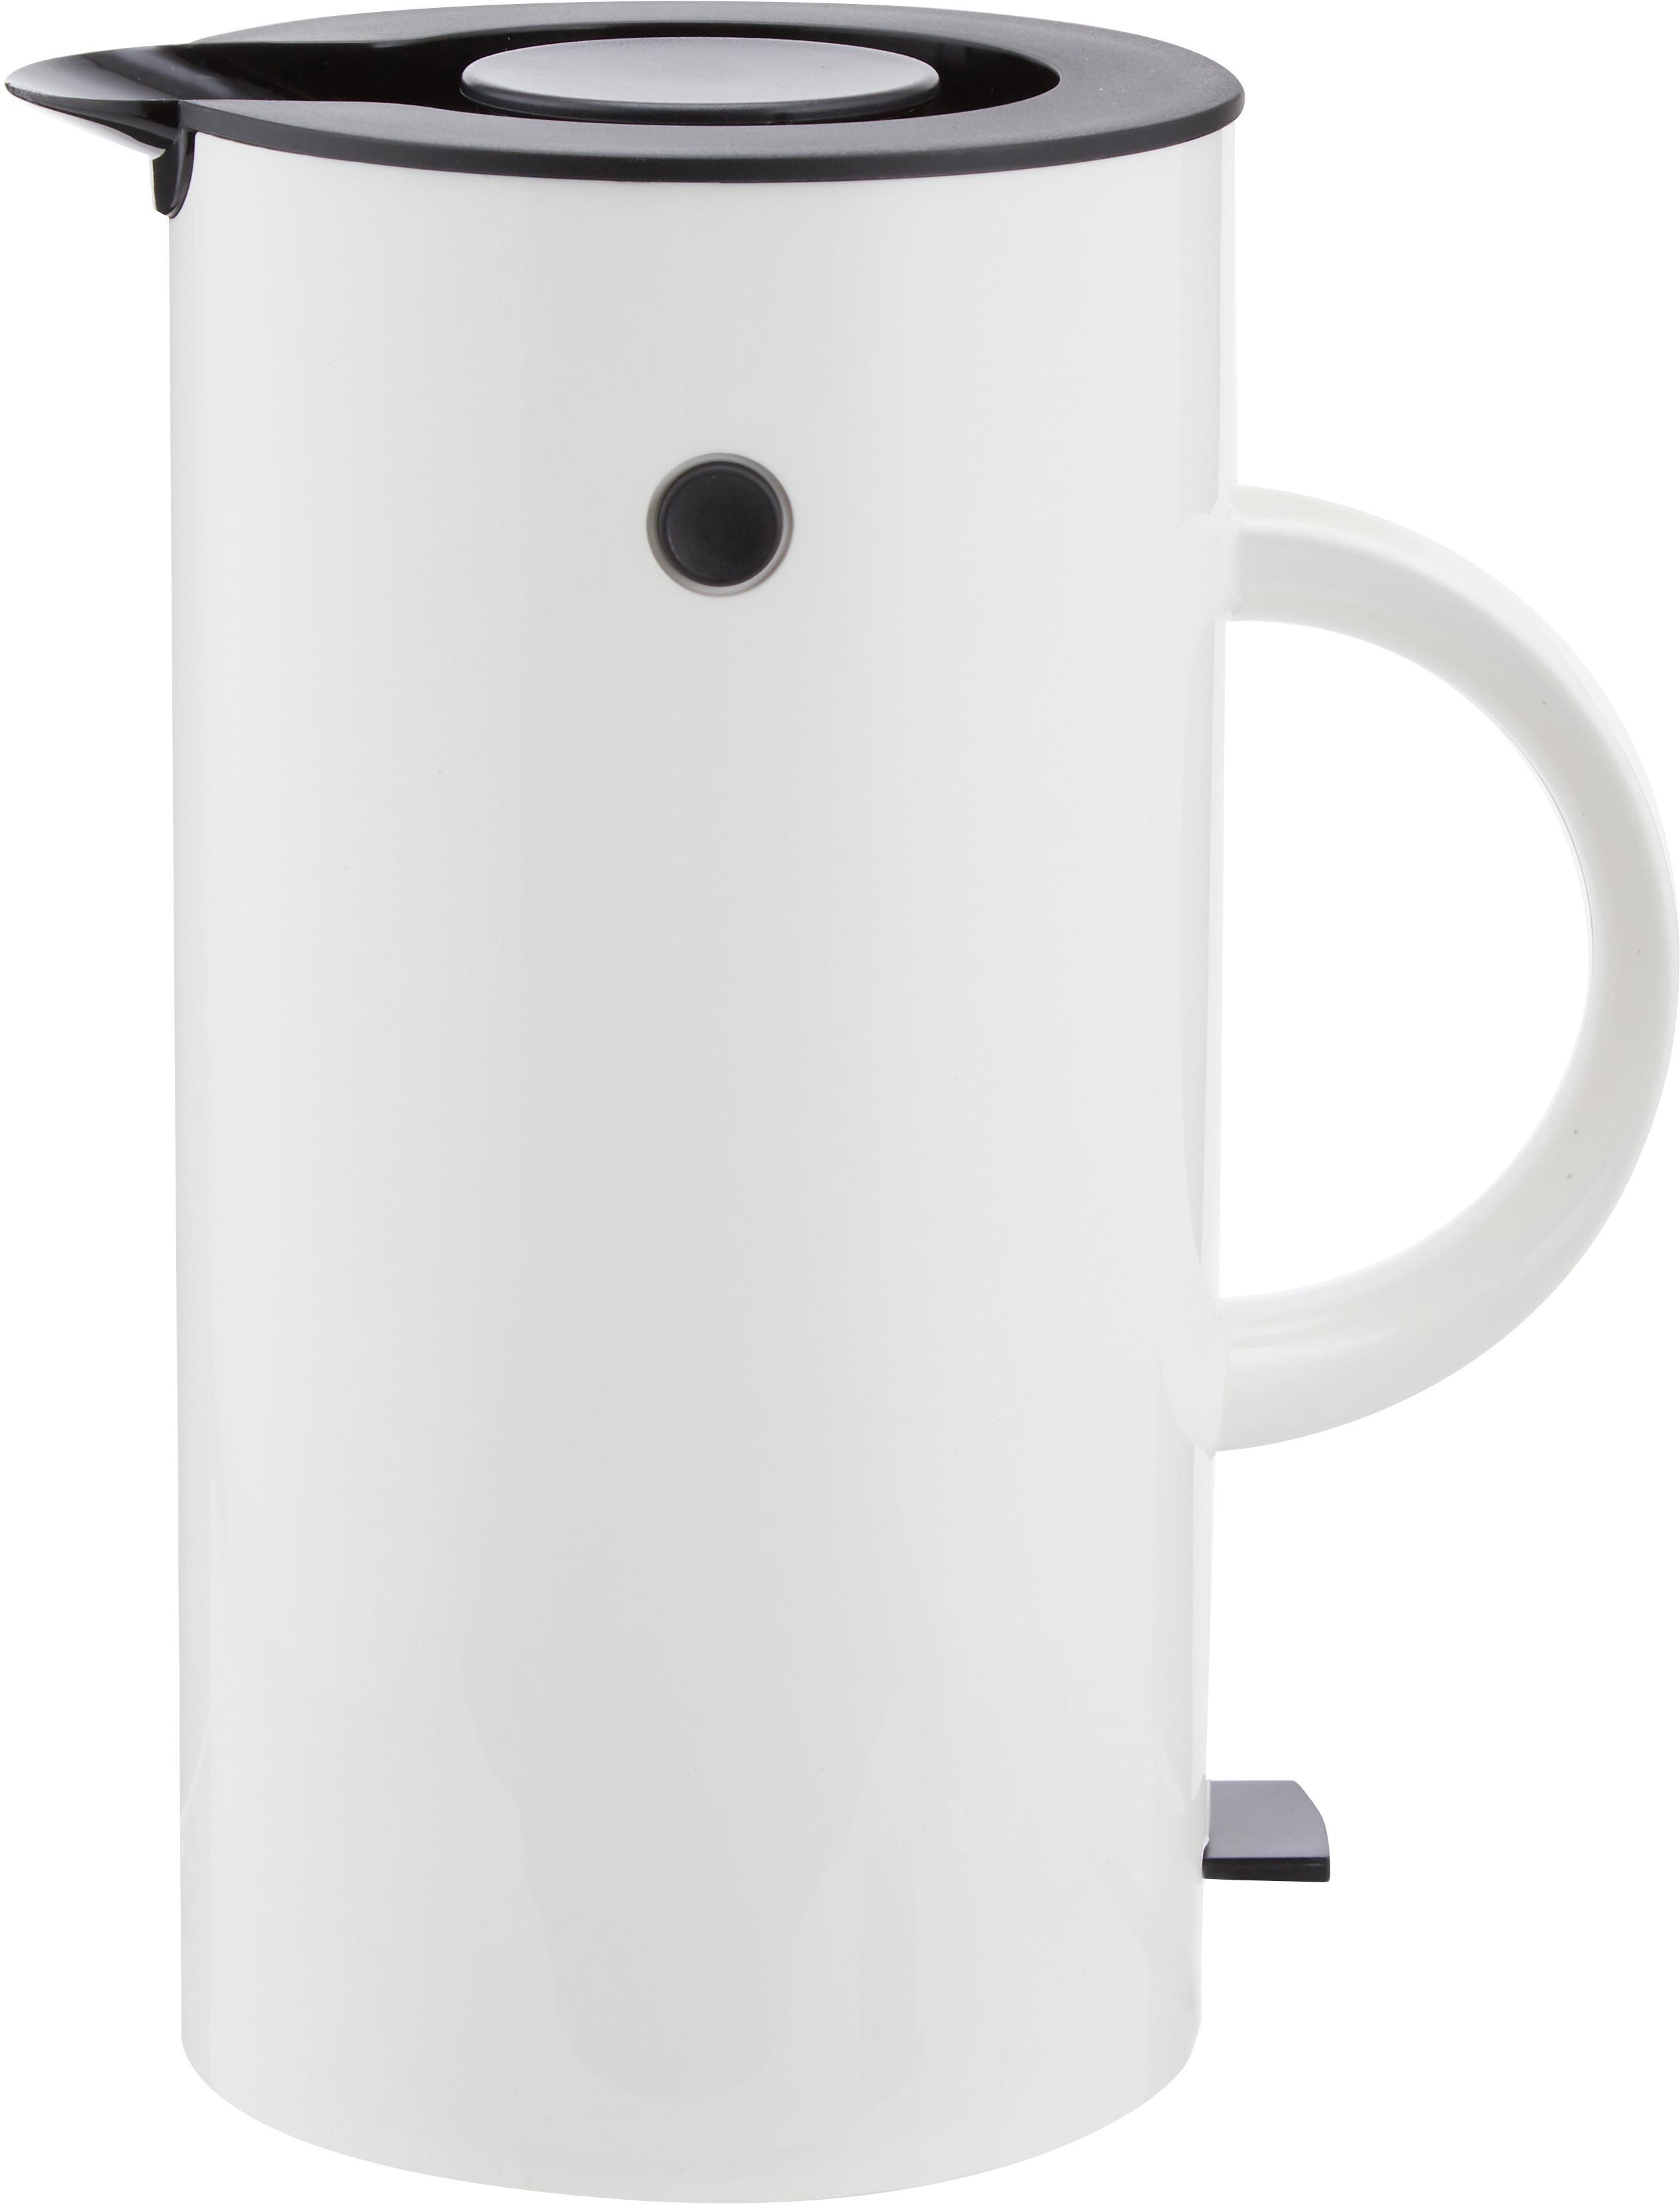 Czajnik elektryczny EM77, Biały, czarny, Ø 13 x W 25 cm